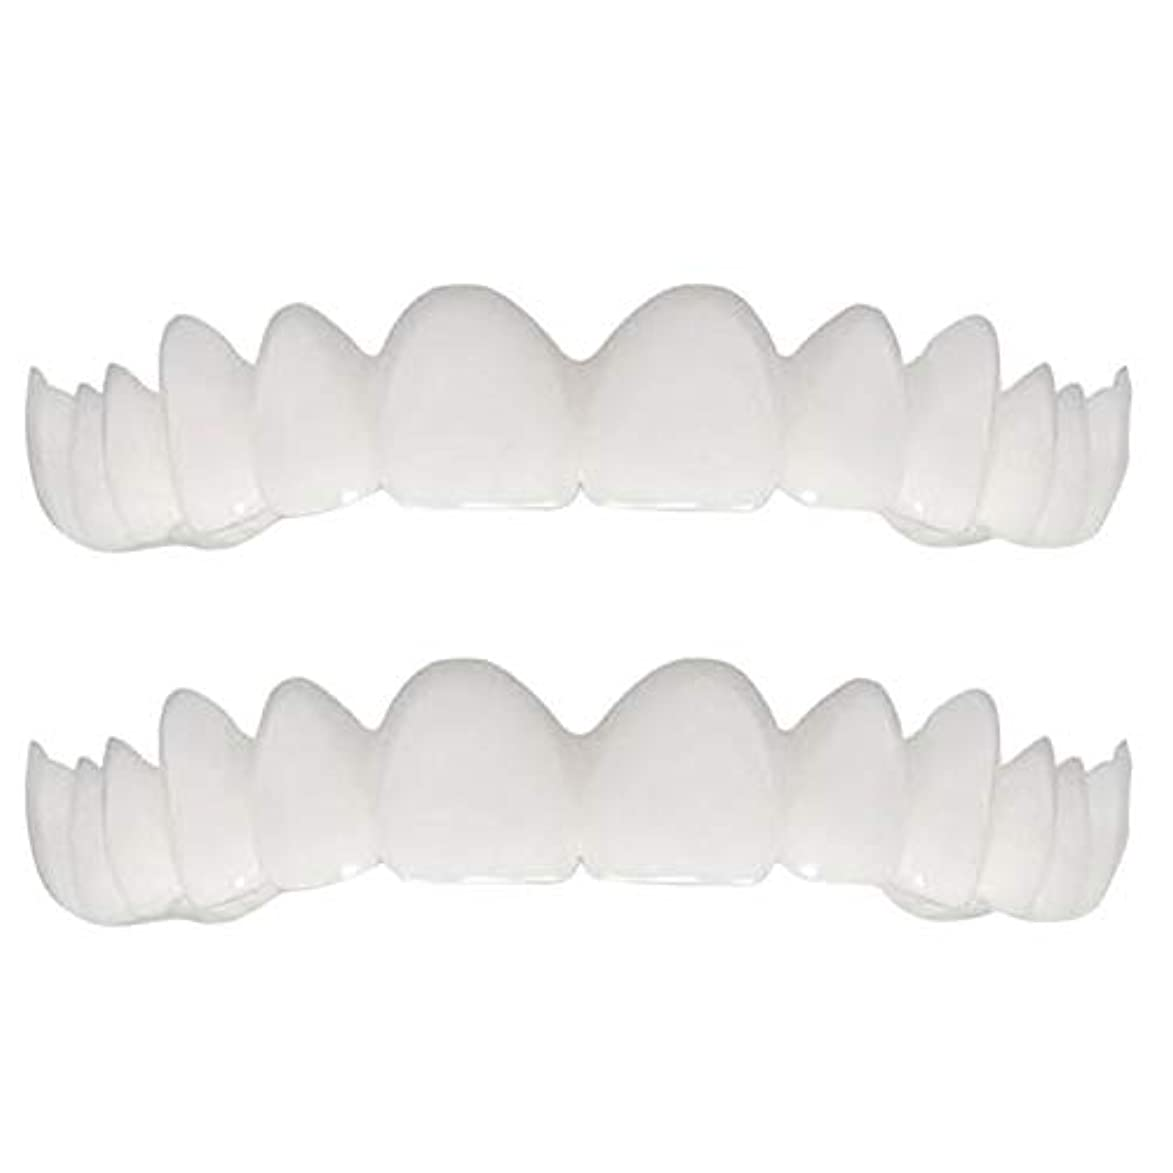 不当ハイキングに行く阻害するシリコーンシミュレーション義歯、上下歯列の白い歯ブレース(1セット),Boxed,UpperLower